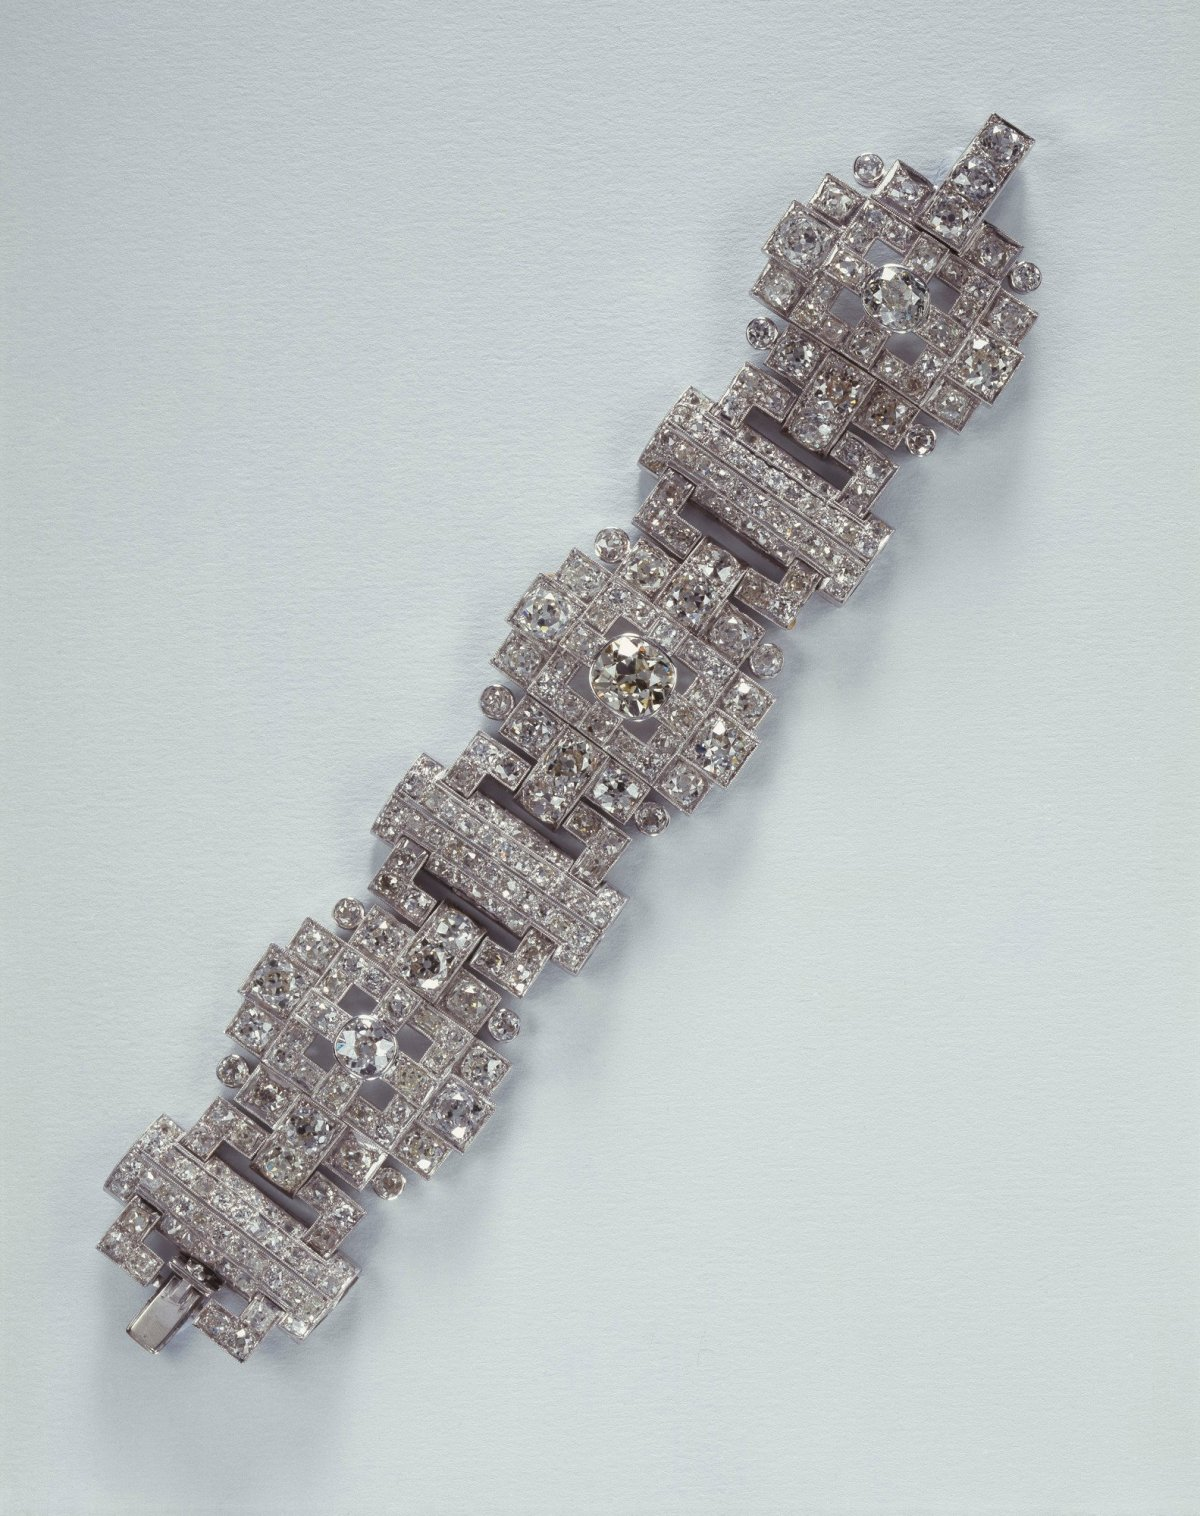 The Edinburgh Wedding Bracelet